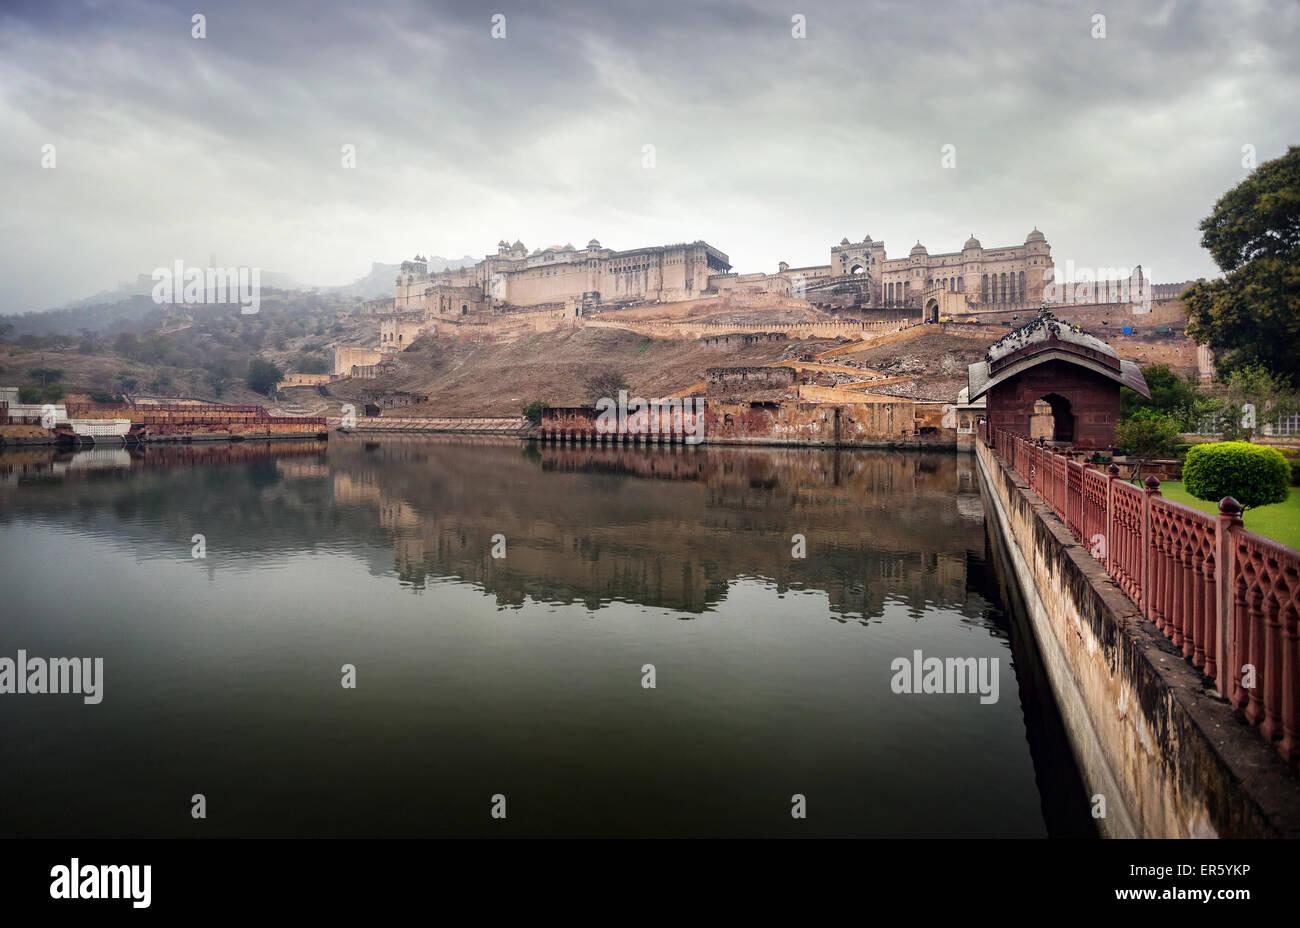 Fuerte Amber en la colina de cielo nublado en Jaipur, Rajasthan, India Imagen De Stock